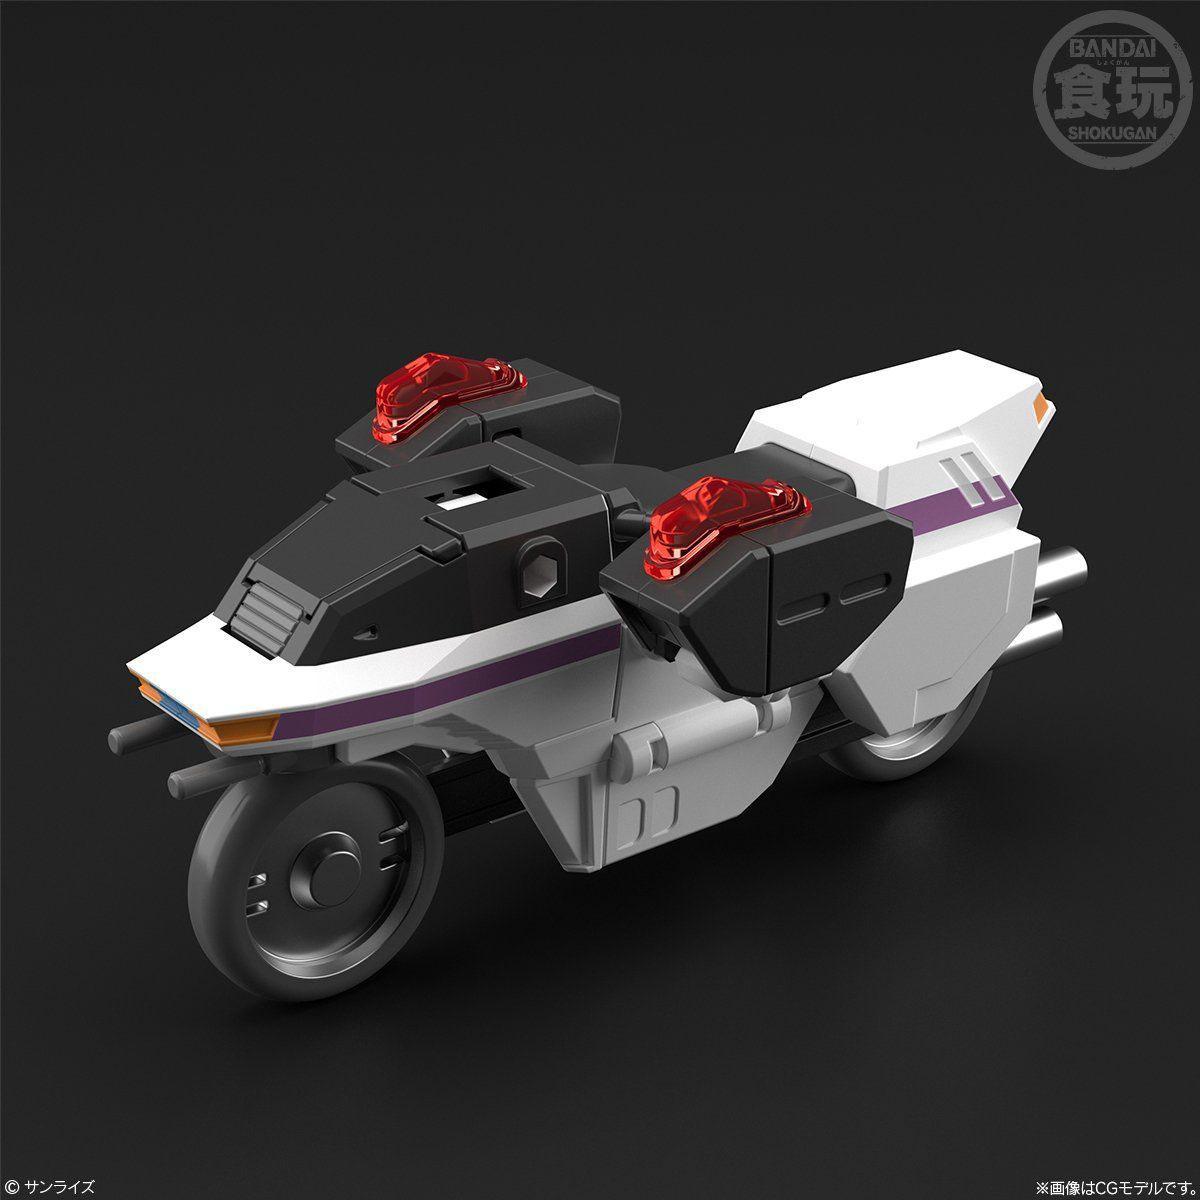 【食玩】スーパーミニプラ『ビッグボルフォッグ』勇者王ガオガイガー プラモデル-005